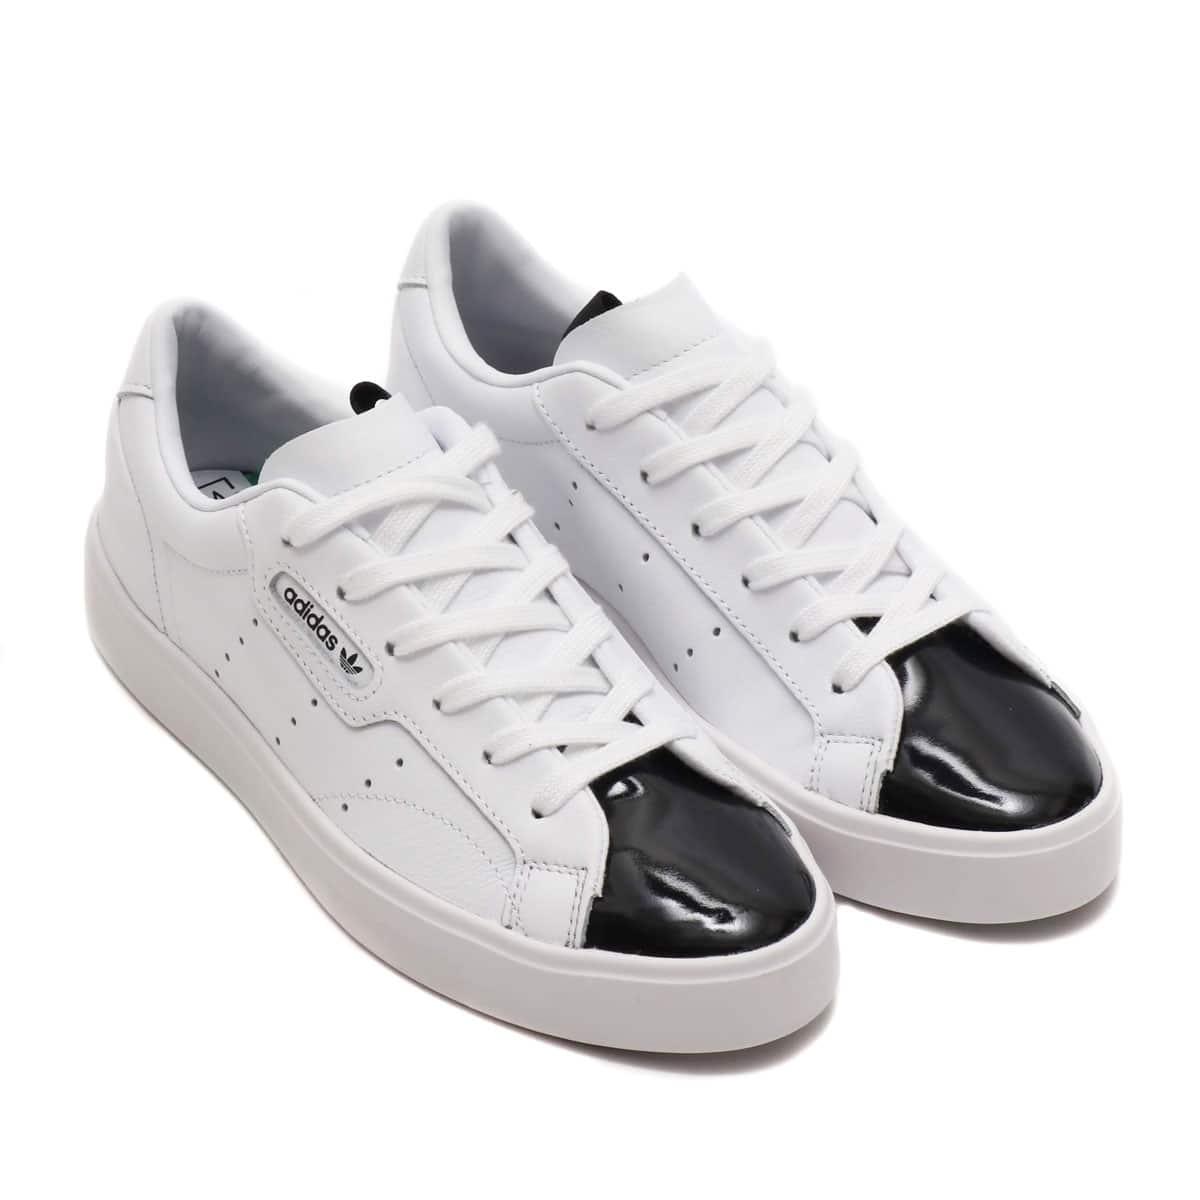 adidas Originals SLEEK W RUNNING WHITE/RUNNING WHITE/CORE BLACK 19FW-S_photo_large